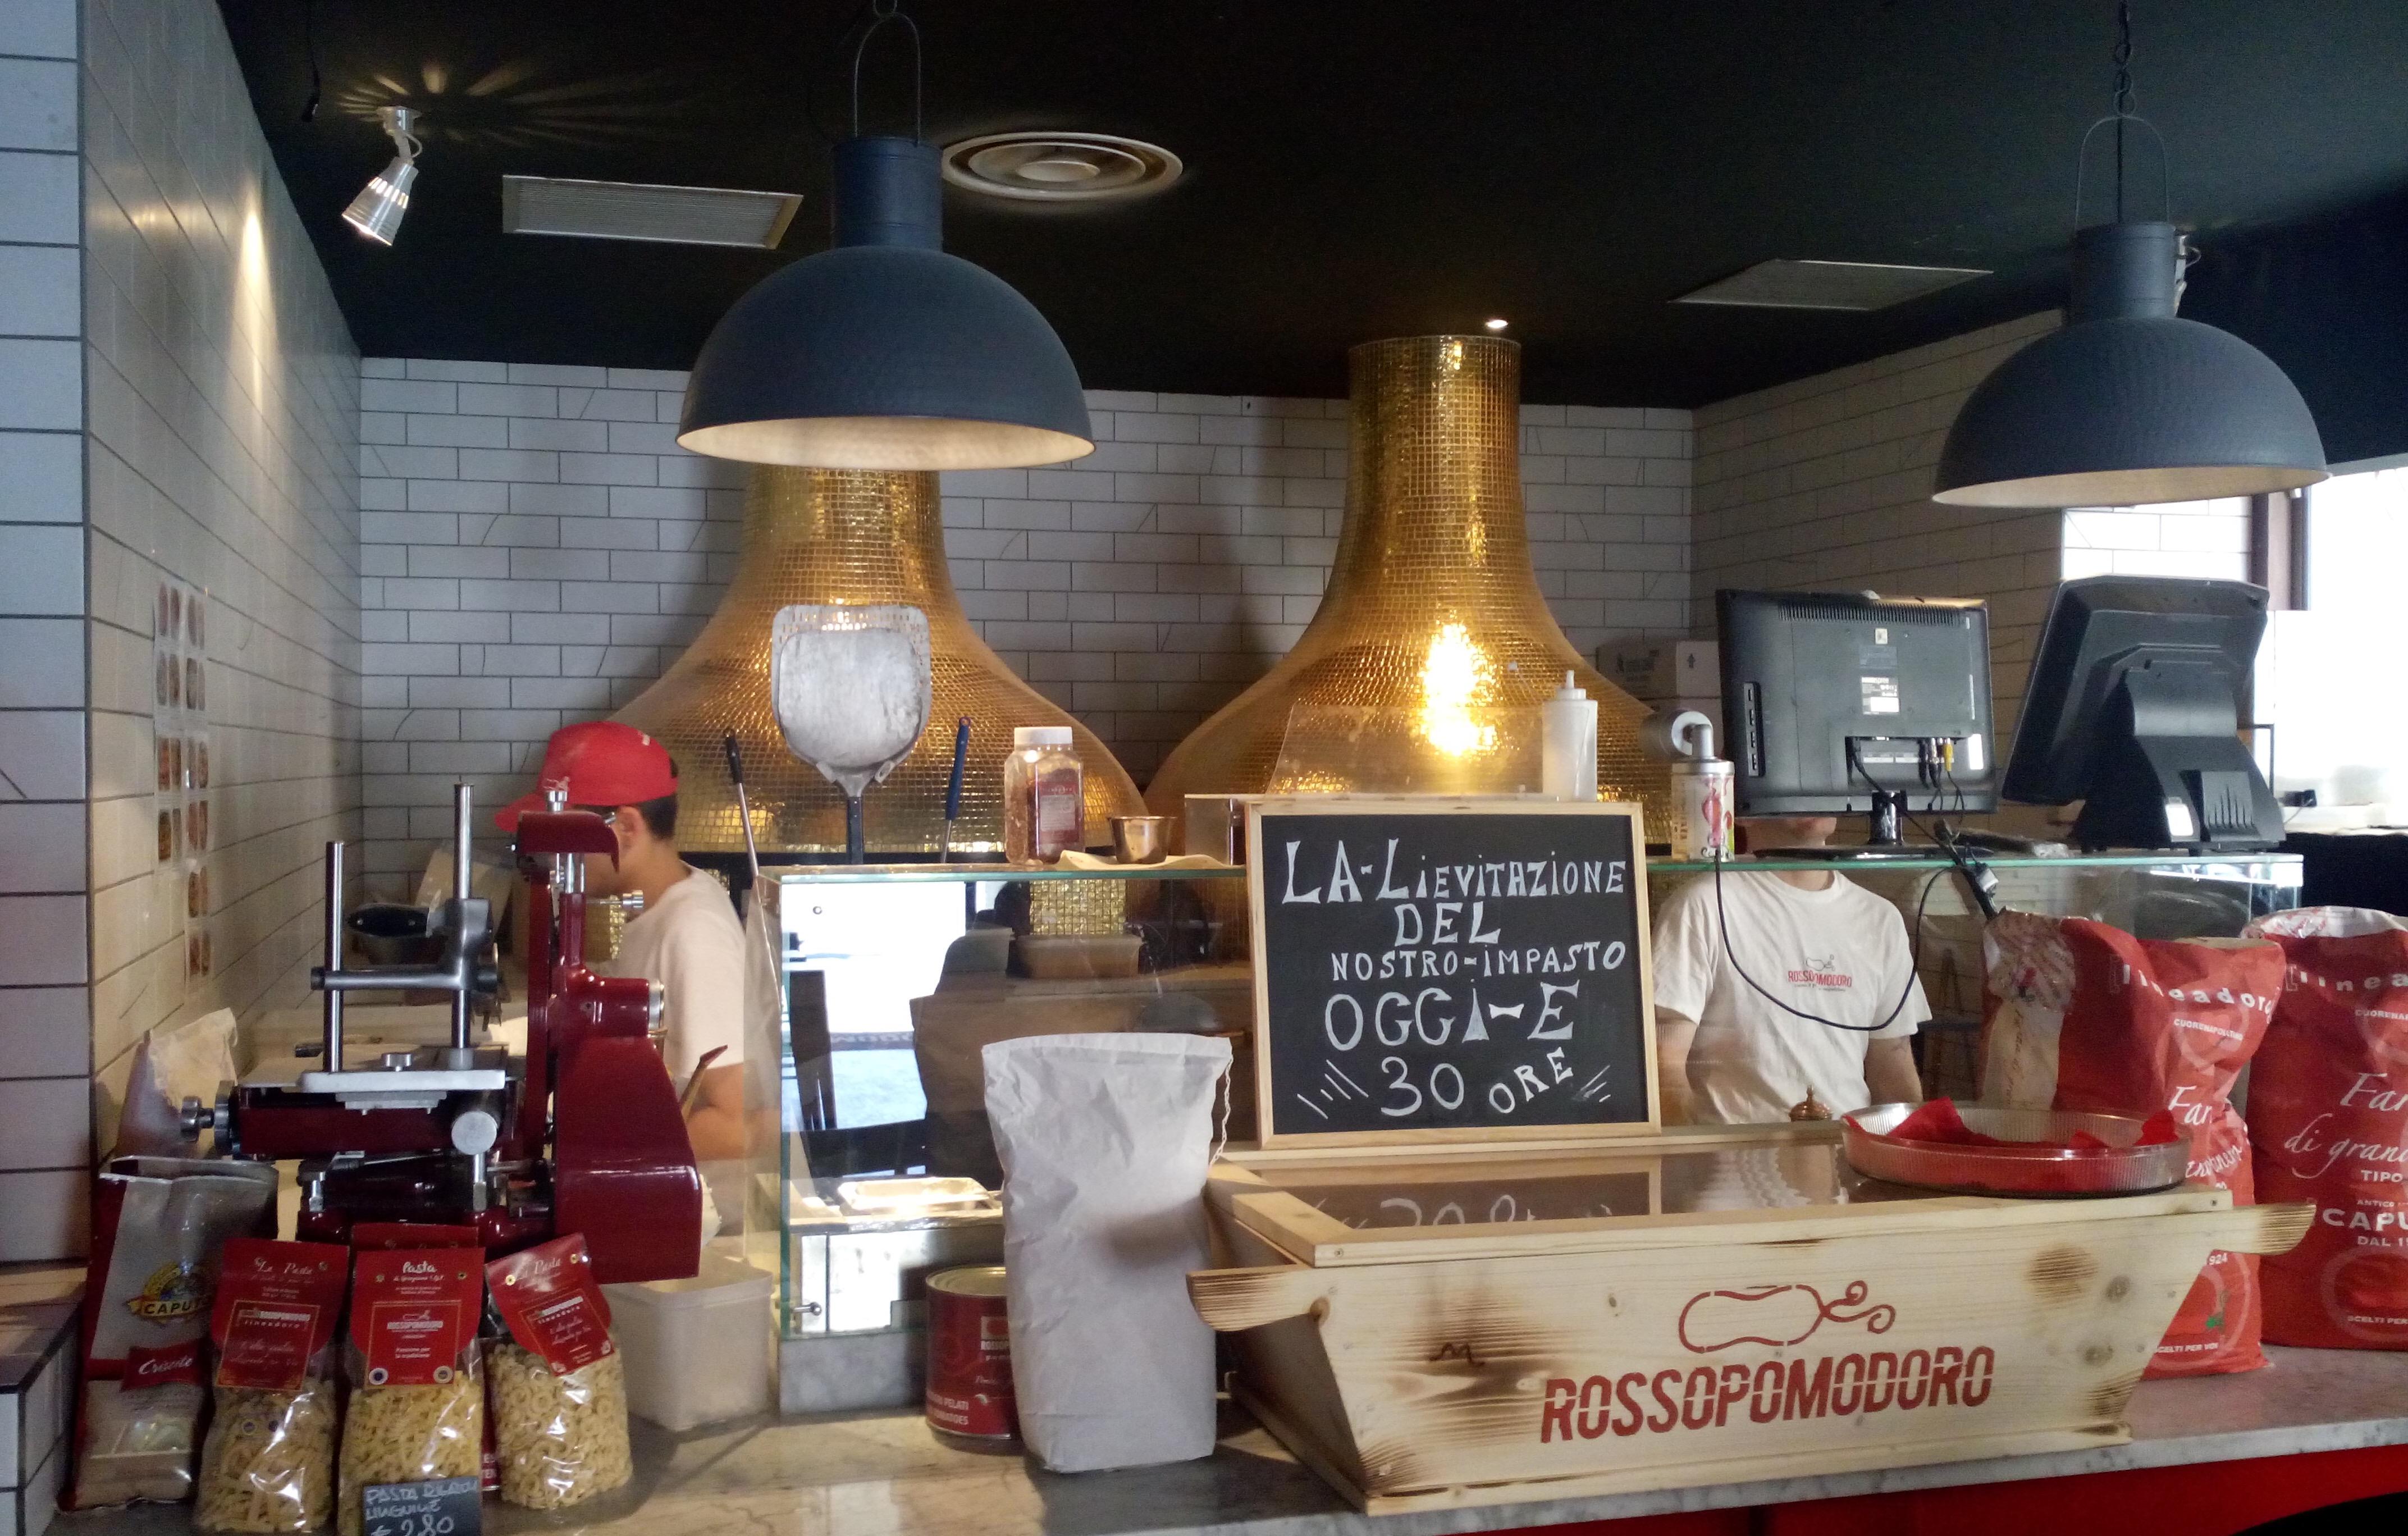 restaurant Rossopomodoro Rome